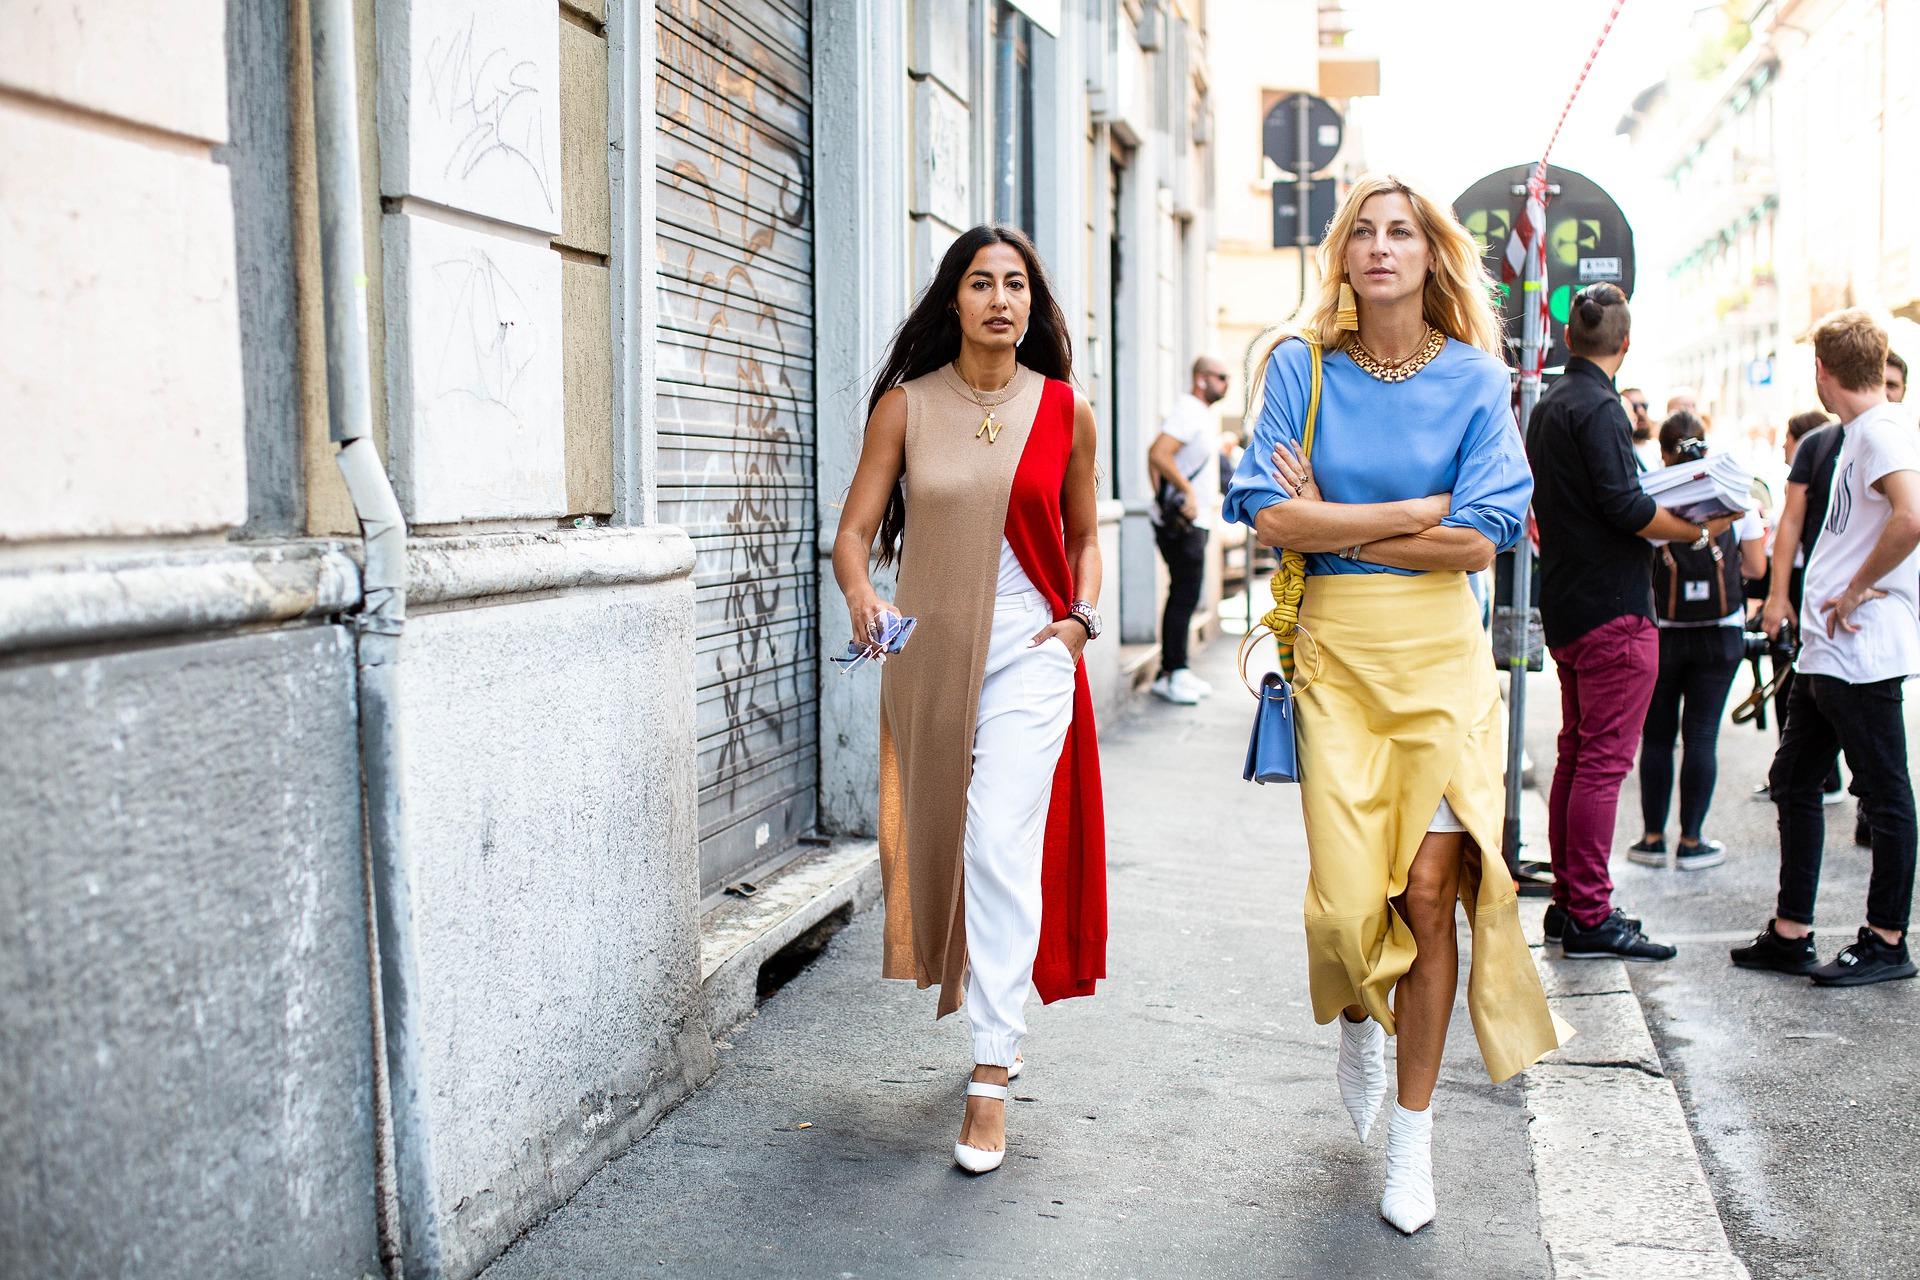 women walking down the street